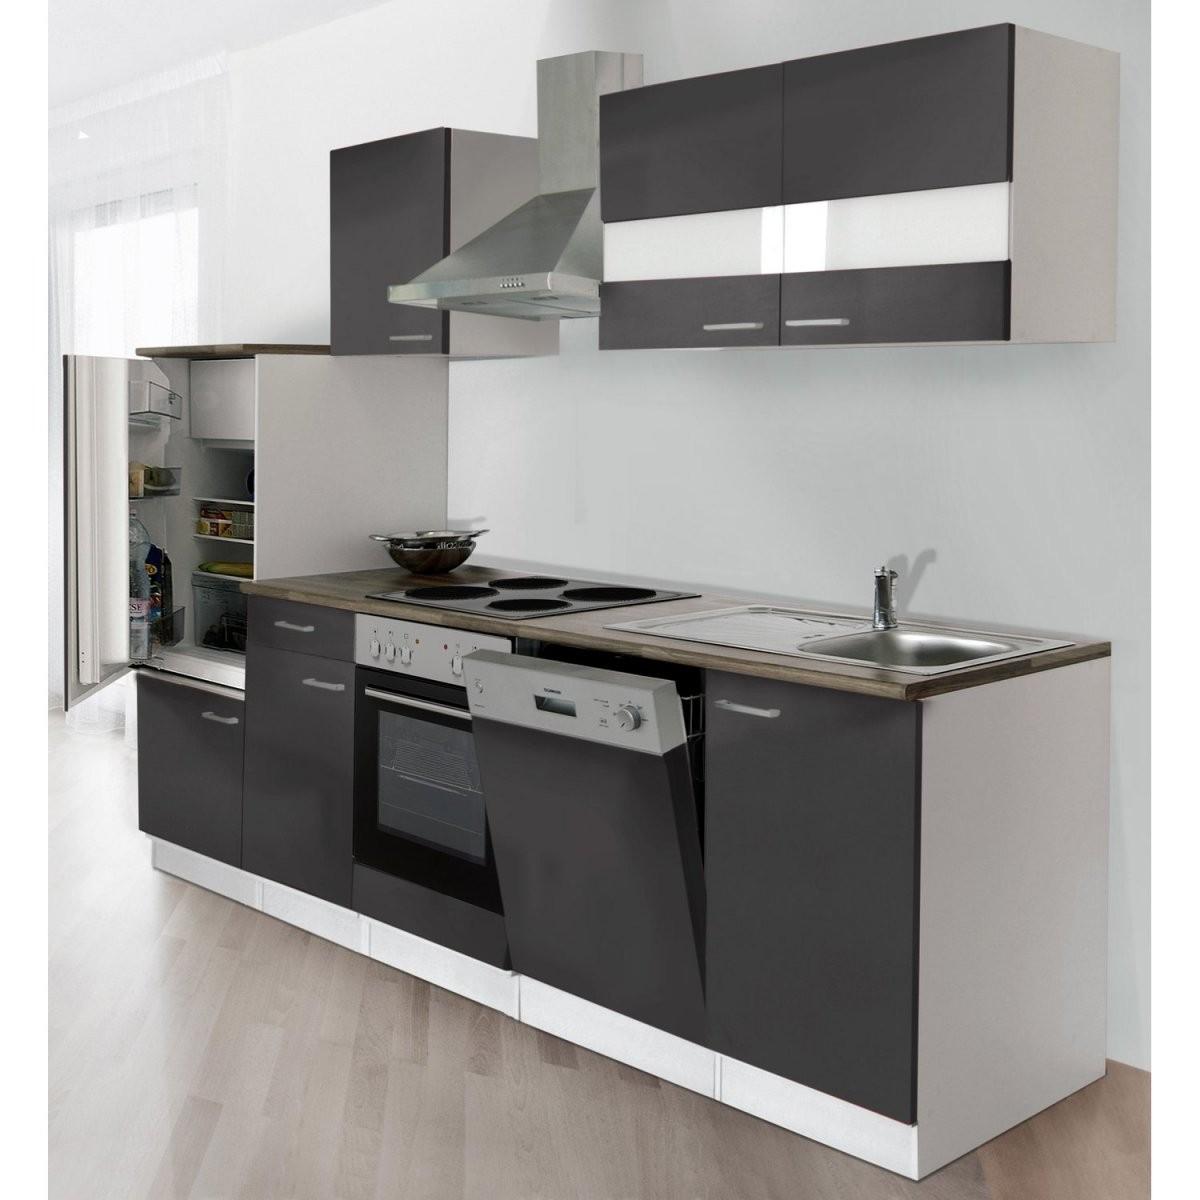 Respekta Küchenzeile Ohne Egeräte Lbkb280Wg 280 Cm Grauweiß Kaufen von Küche Mit E Geräten Ohne Kühlschrank Bild